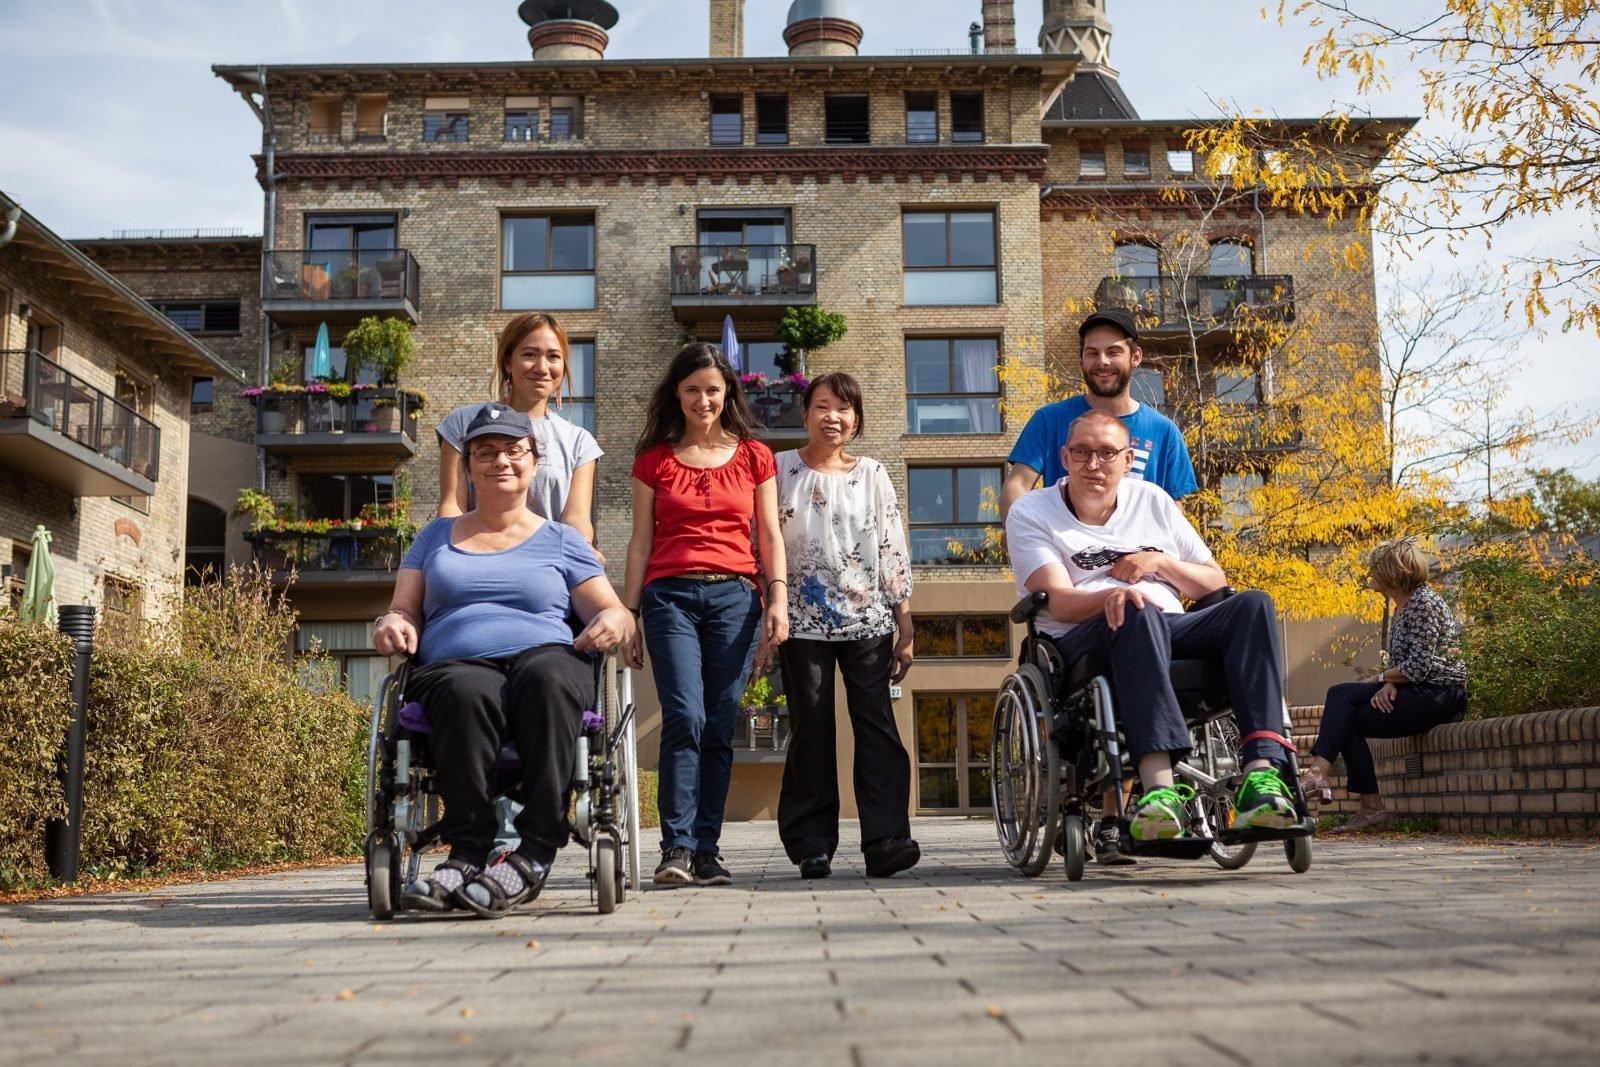 Eine Gruppe Menschen, eine Rollstuhlfahrerin und ein Rollstuhlfahrer, sowie drei Frauen und ein Mann zu Fuß, vor einem alten Backsteingebäude mit Balkons auf denen Pflanzen und Möbel stehen.